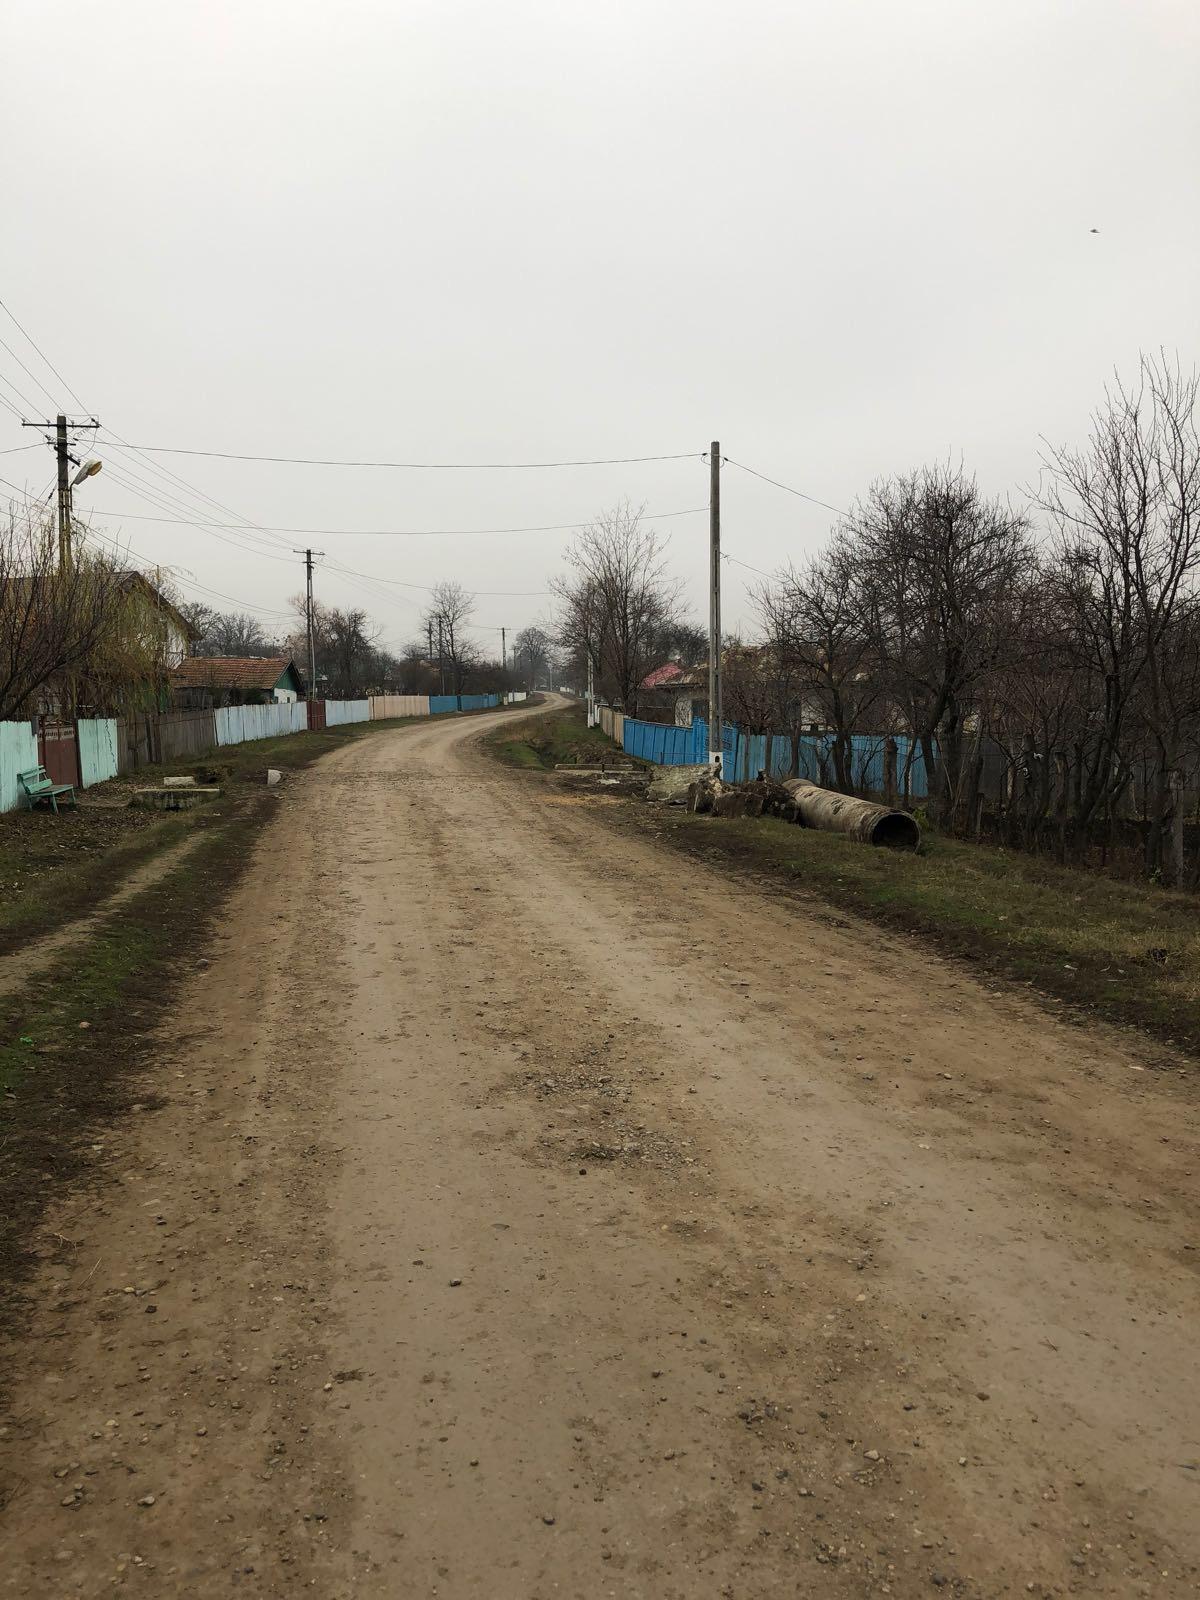 Strada che attraversa la campagna rumena-moldova